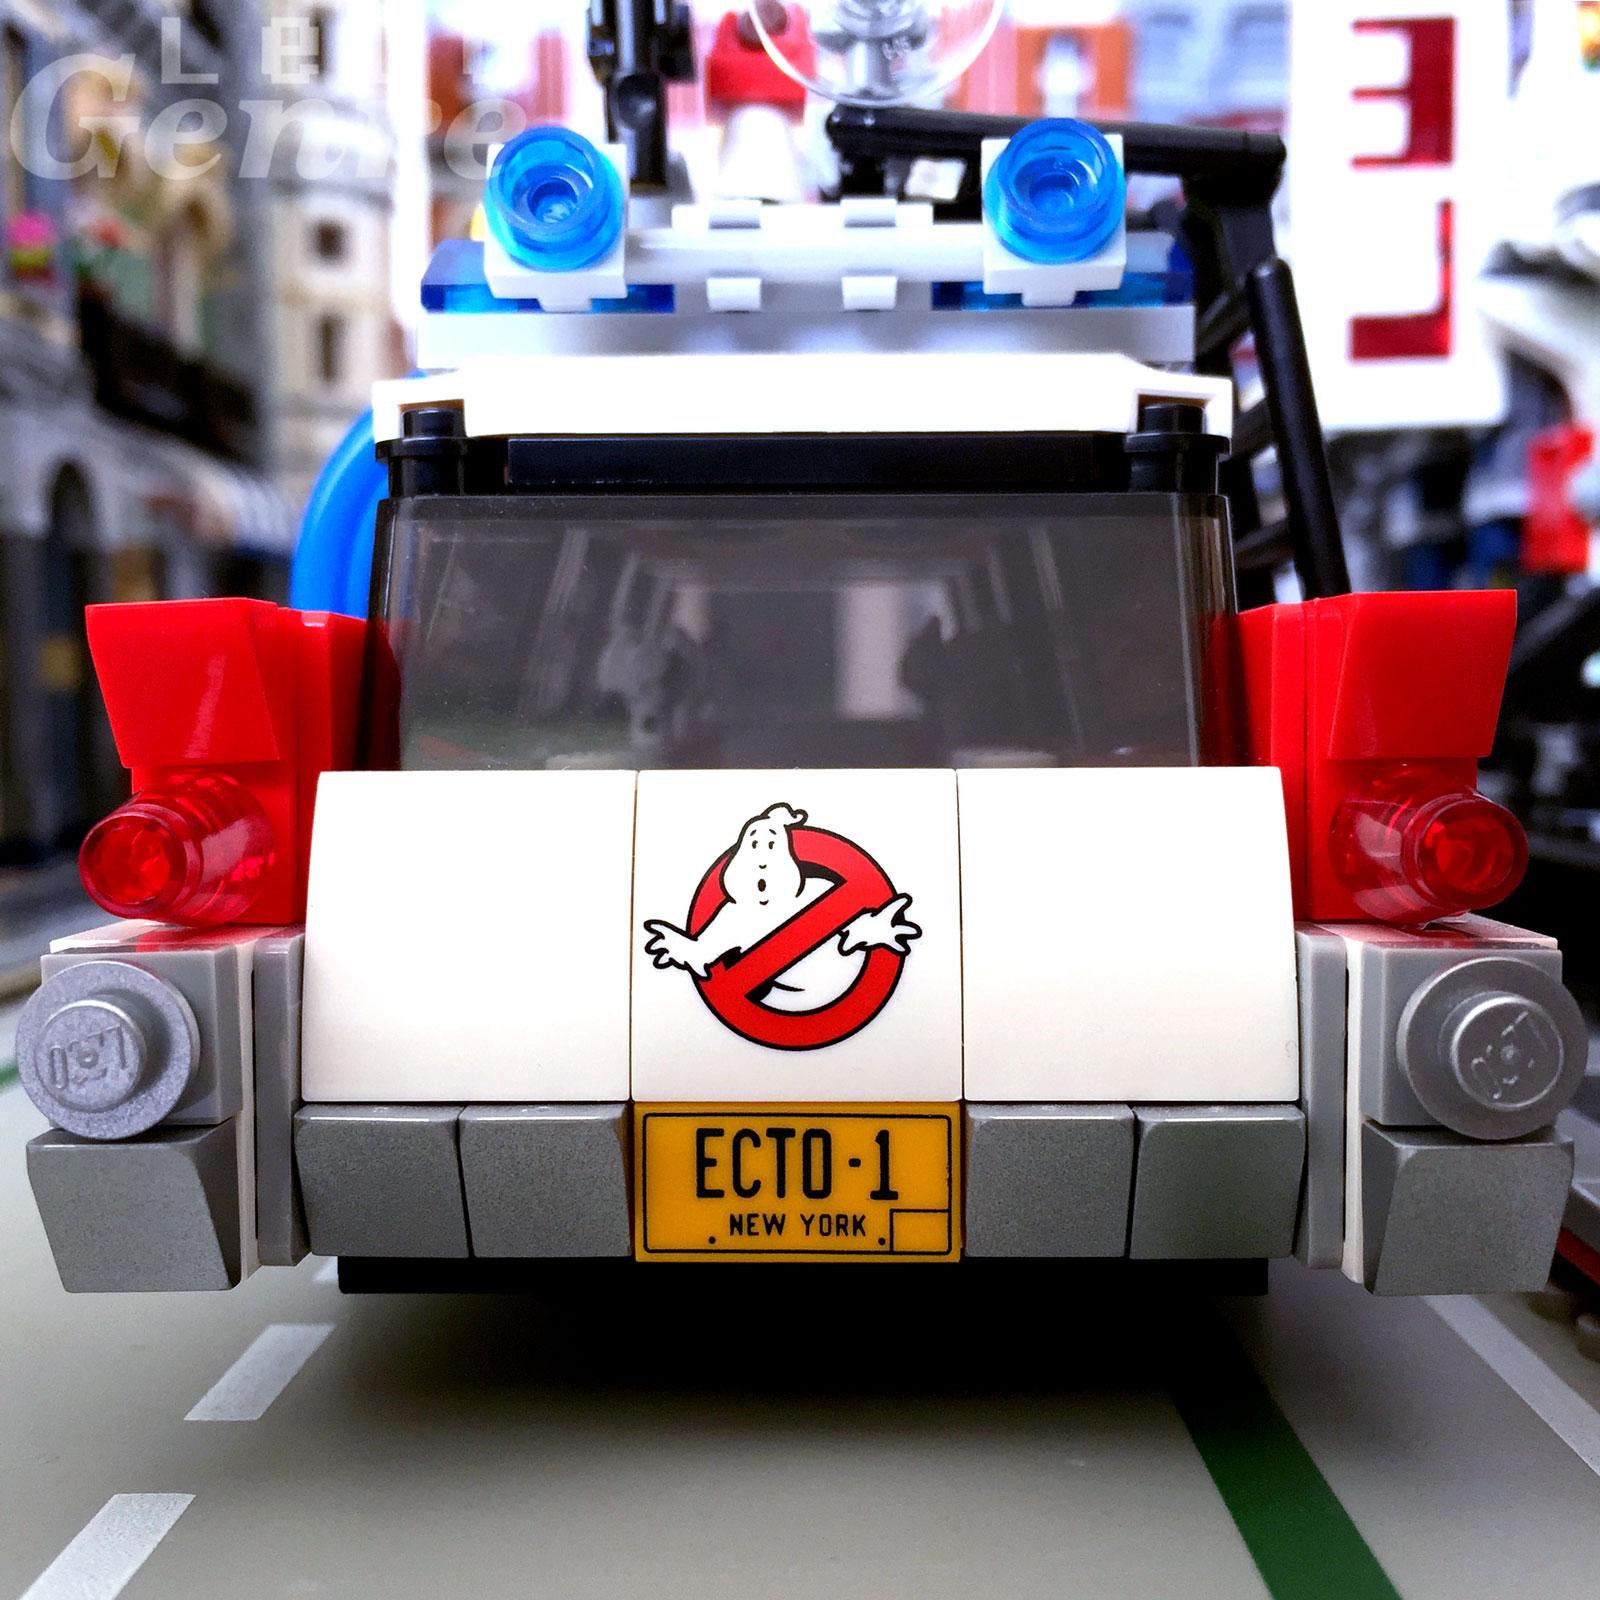 LegoGenre: Ecto-1